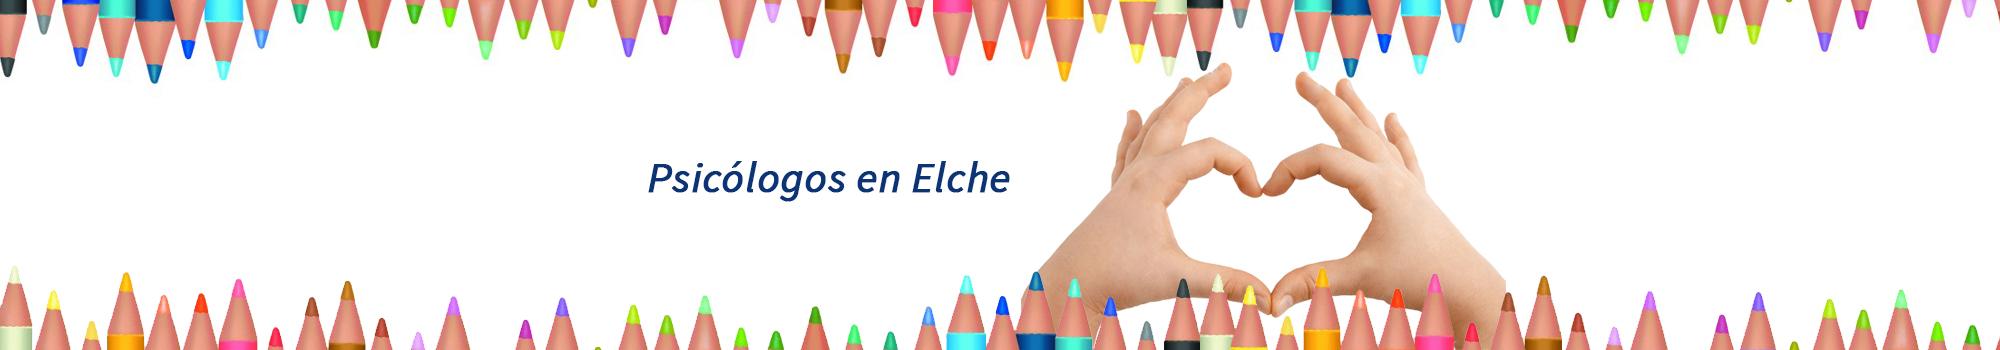 logopeda en Elche, centro logopedas en Elche, psicologia adolescente Elche, servicios de sicologia